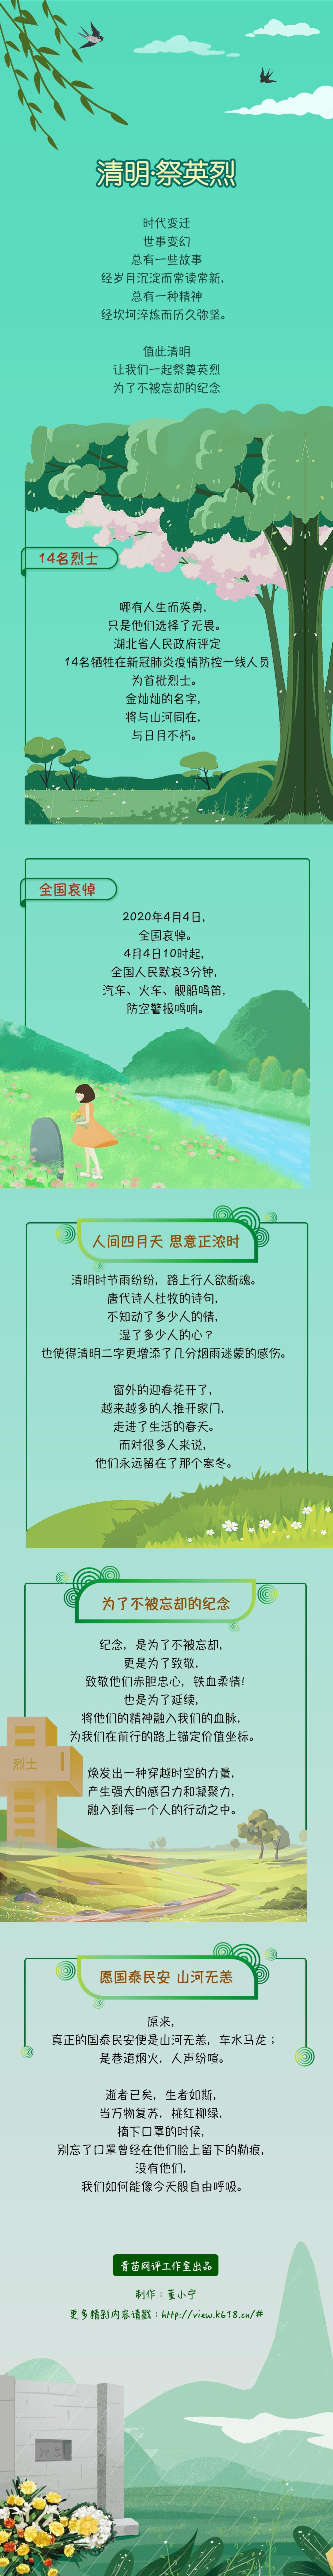 【图说】清明·祭英烈:愿国泰民安 山河无恙